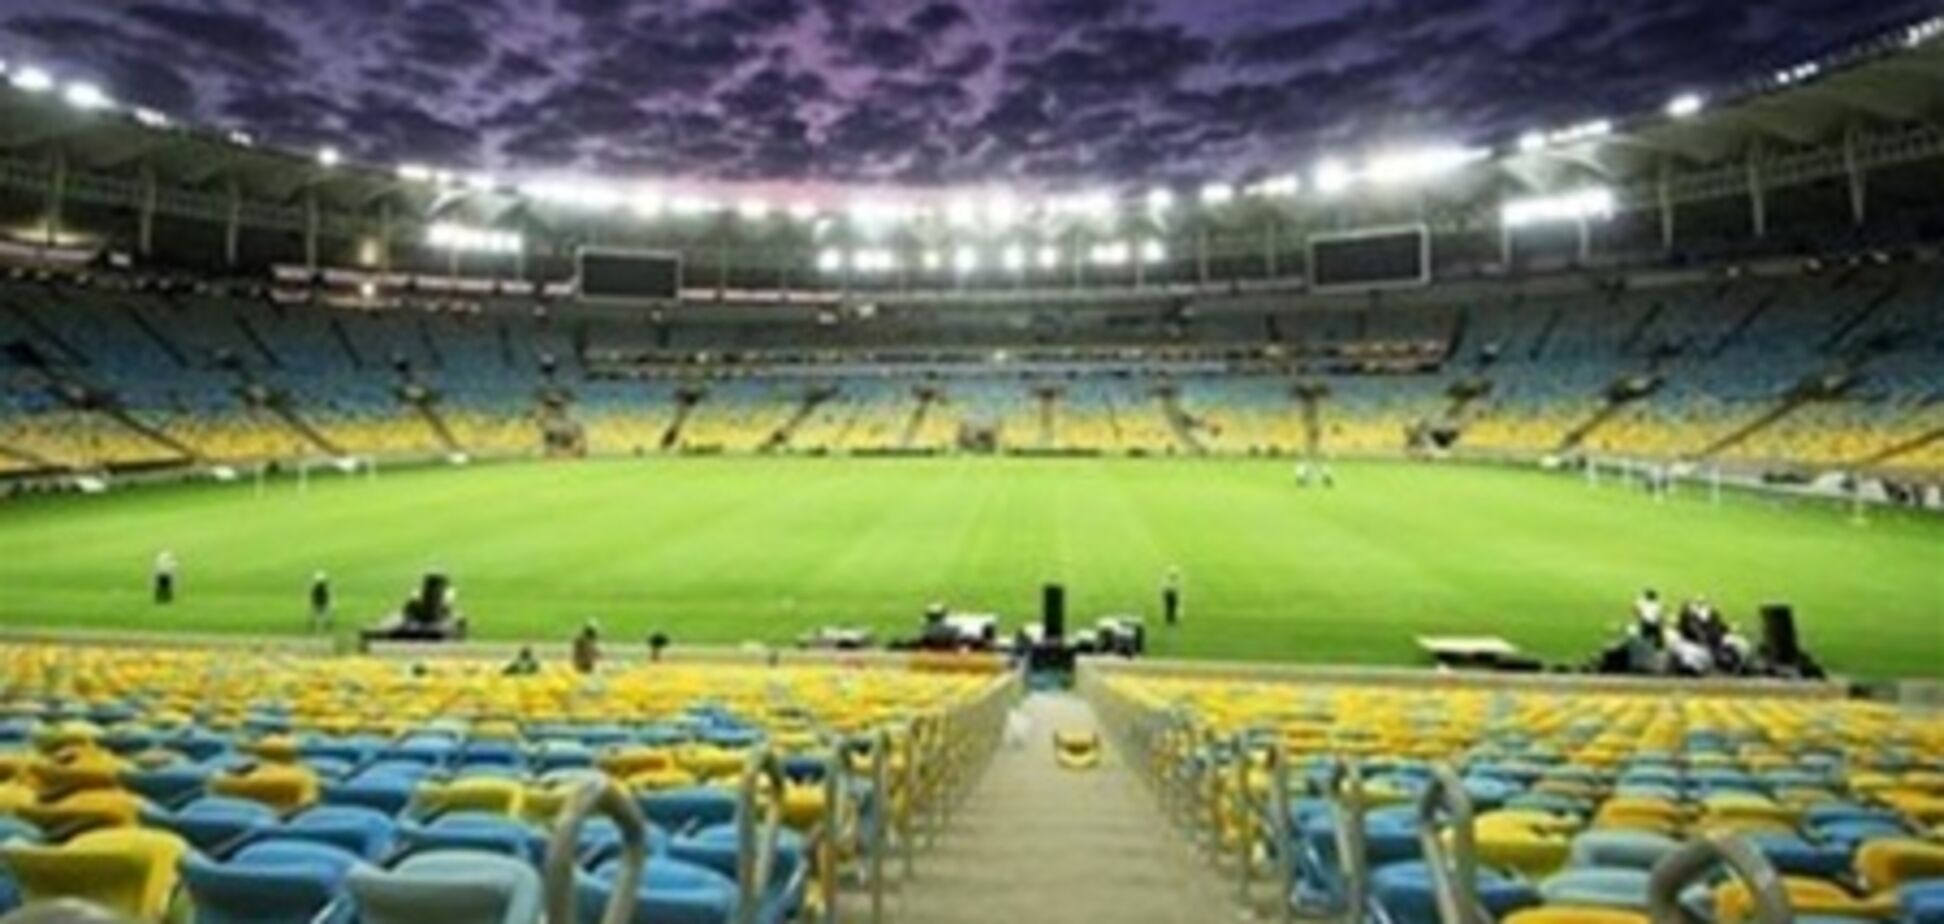 Матч Бразилия – Англия отменят из-за неготовности знаменитой арены ЧМ-2014